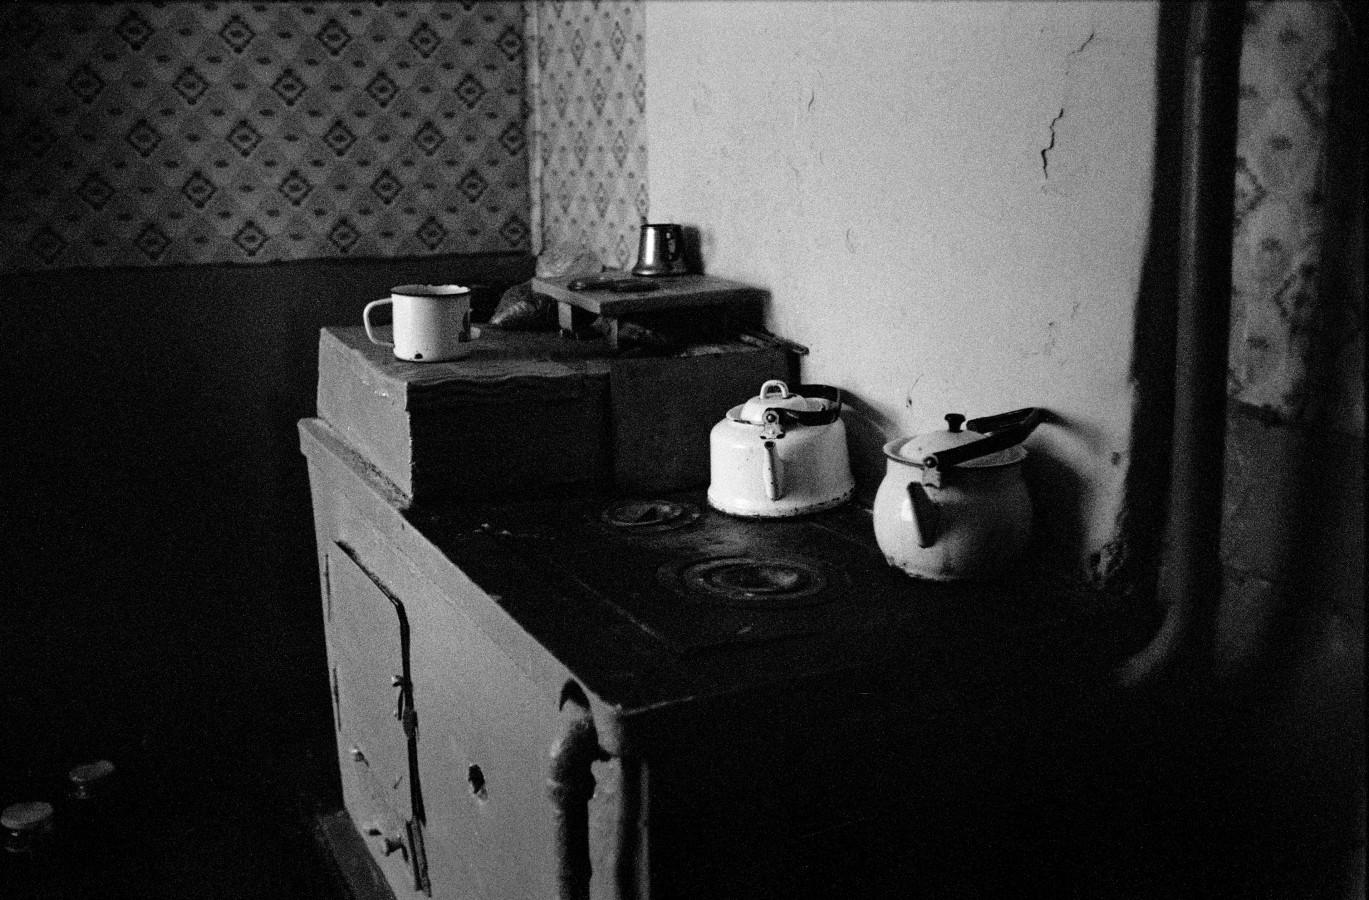 Grandmothers' kitchen, village of Schachta, Kuzbaz Region